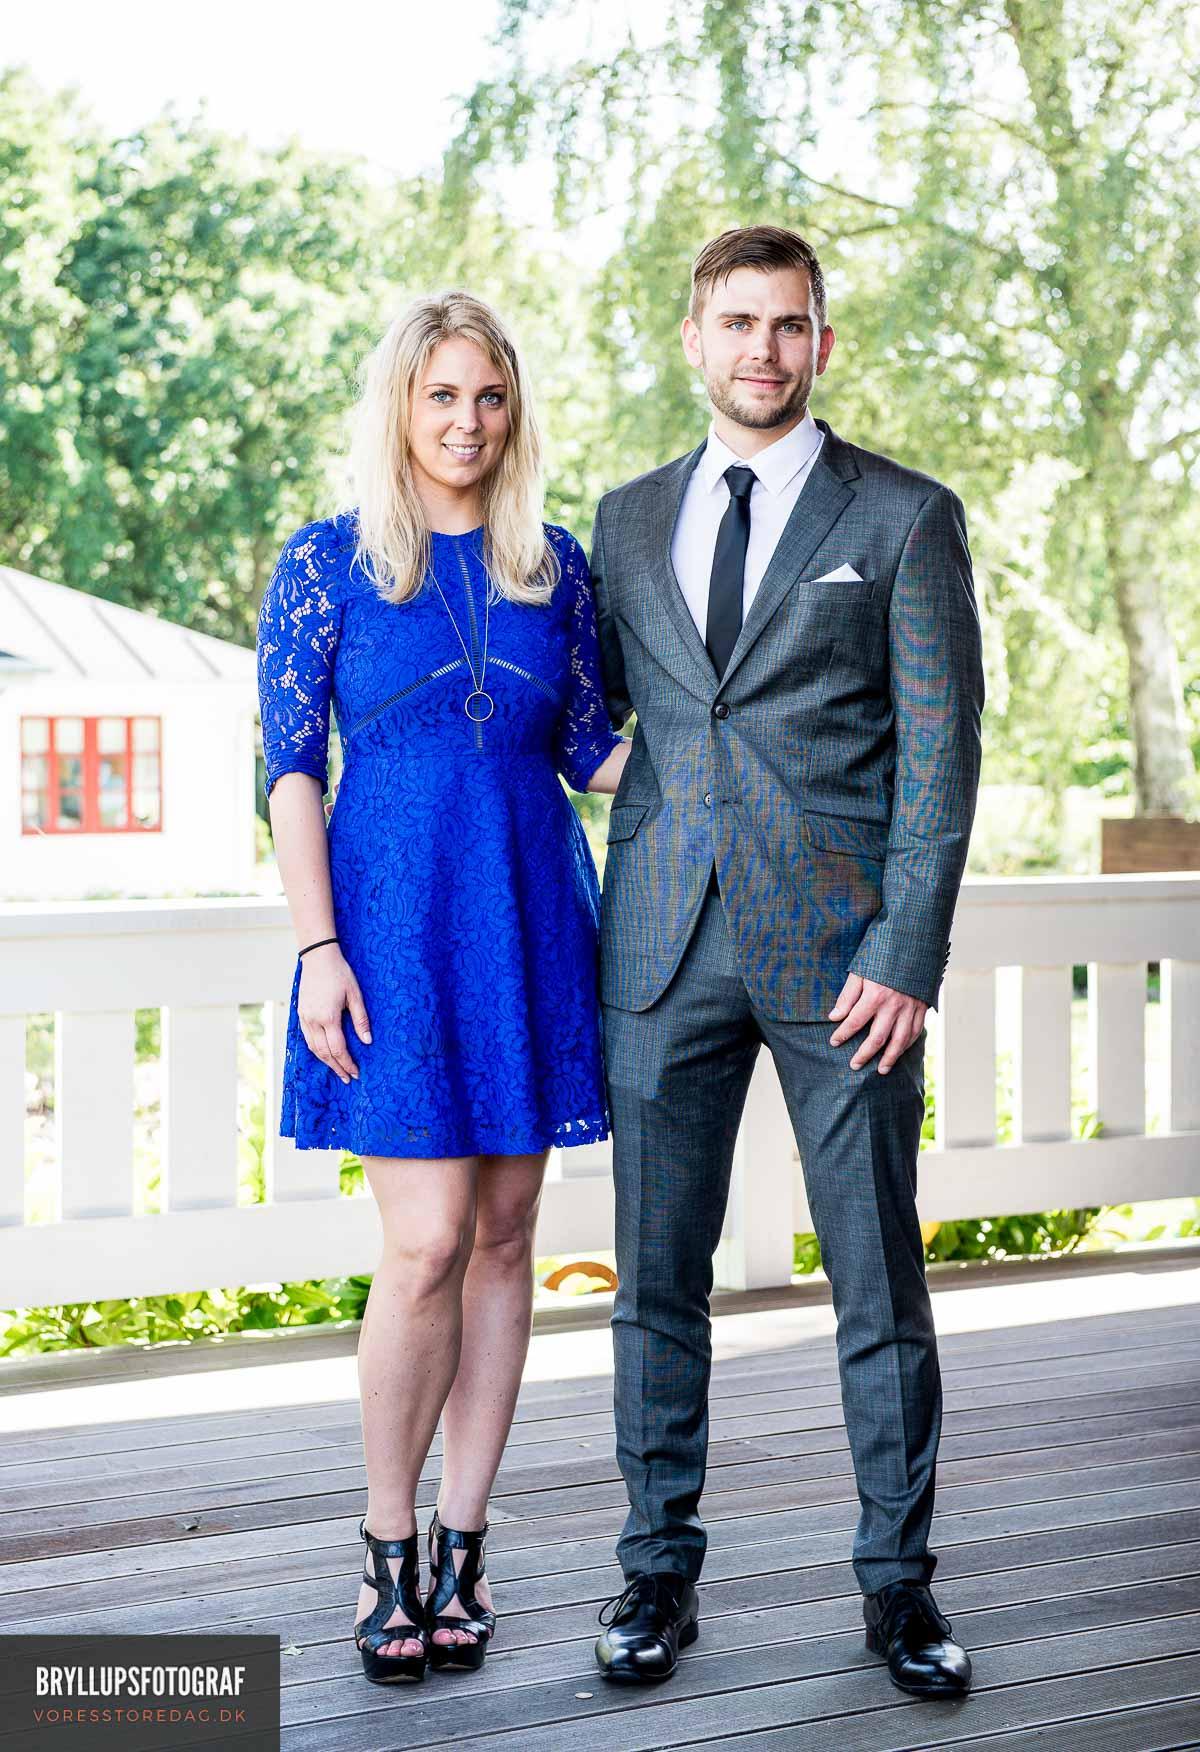 Afstem forventningerne med bryllupsfotografen om, hvor mange billeder I får udleveret efter brylluppet.